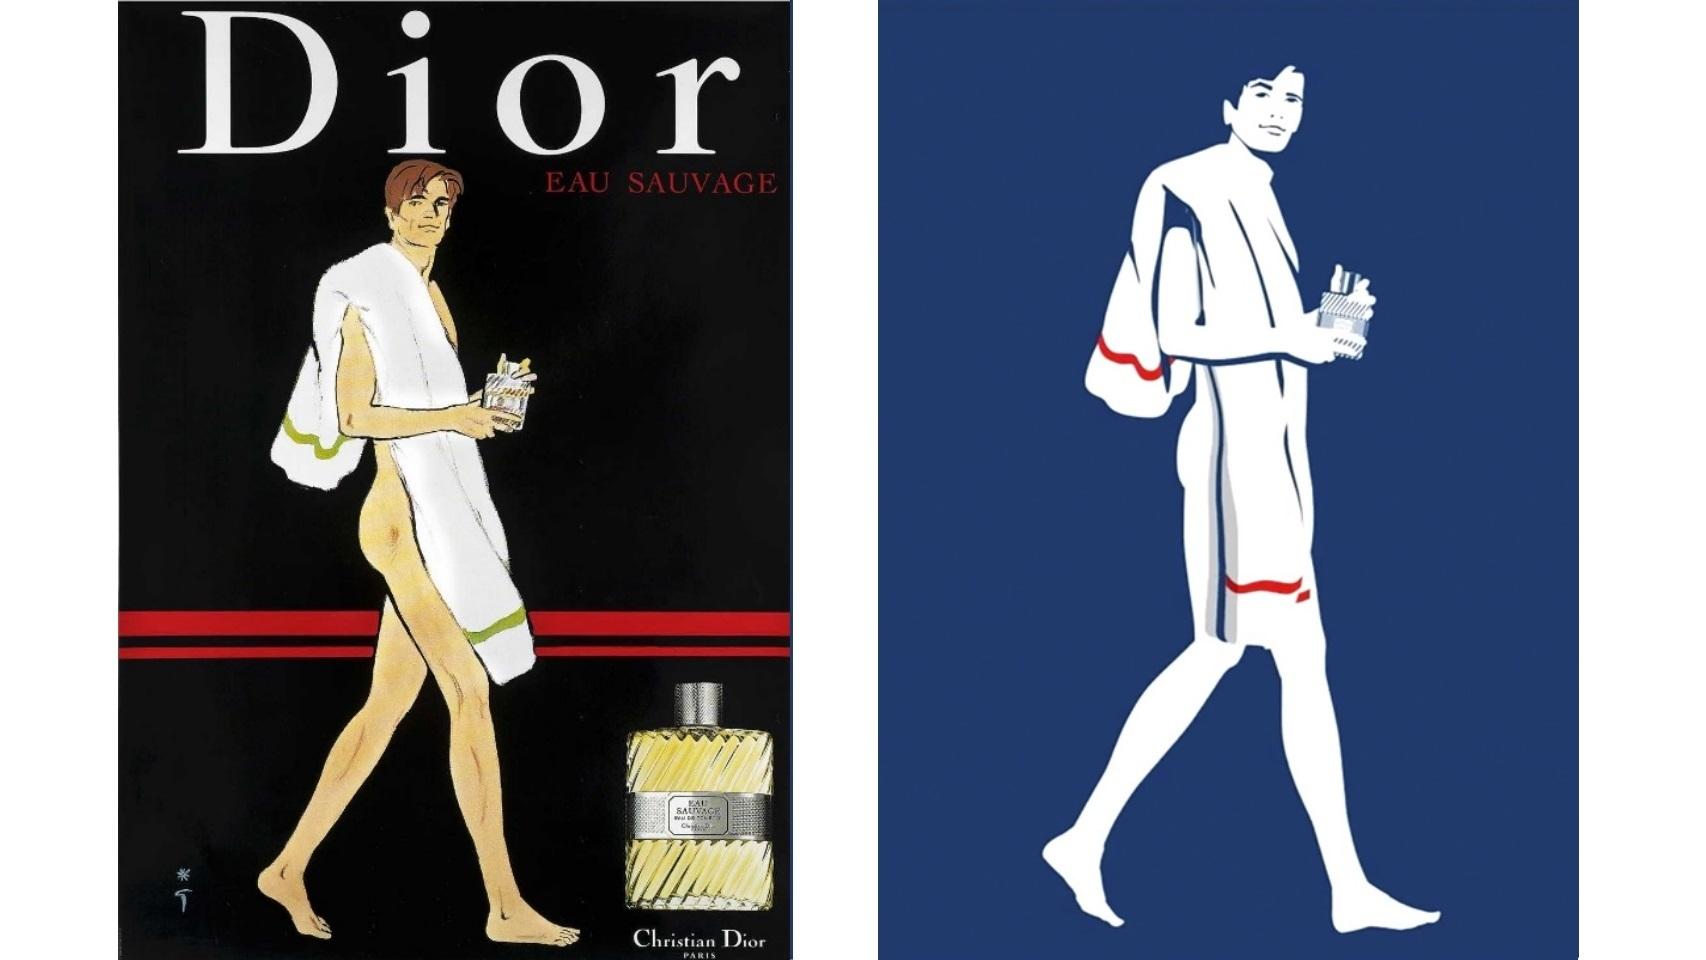 A la izquierda, la famosa ilustración de René Gruau con la que Dior anunció Eau Sauvage para su lanzamiento y, a la izquierda, la que aparece en el vídeo de su 50º aniversario.